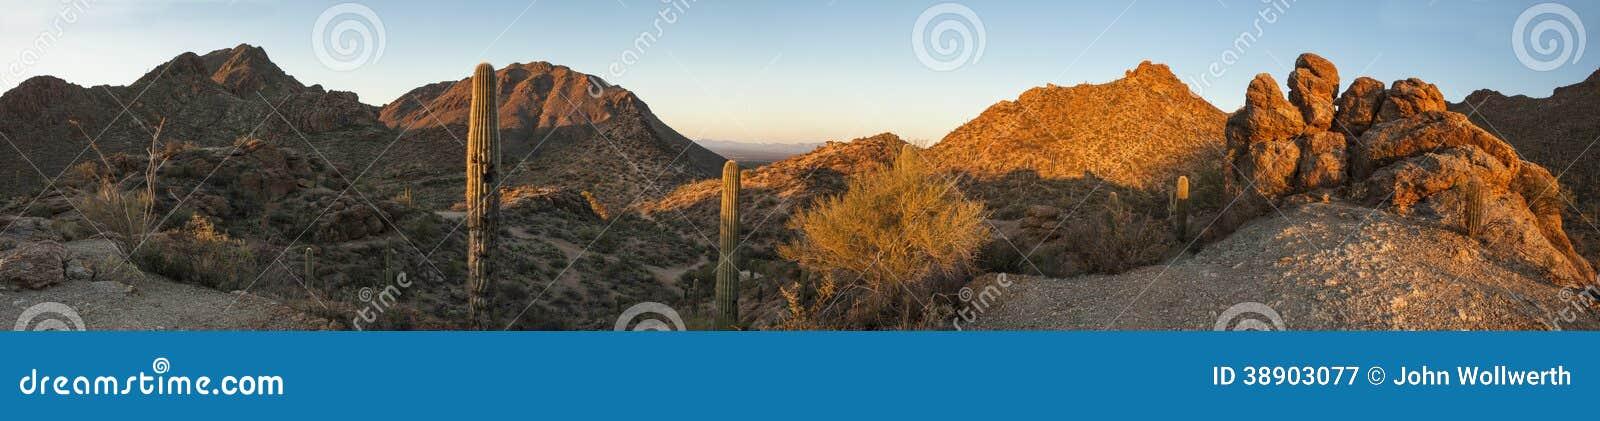 Un panorama di 180 gradi del deserto di sonoran